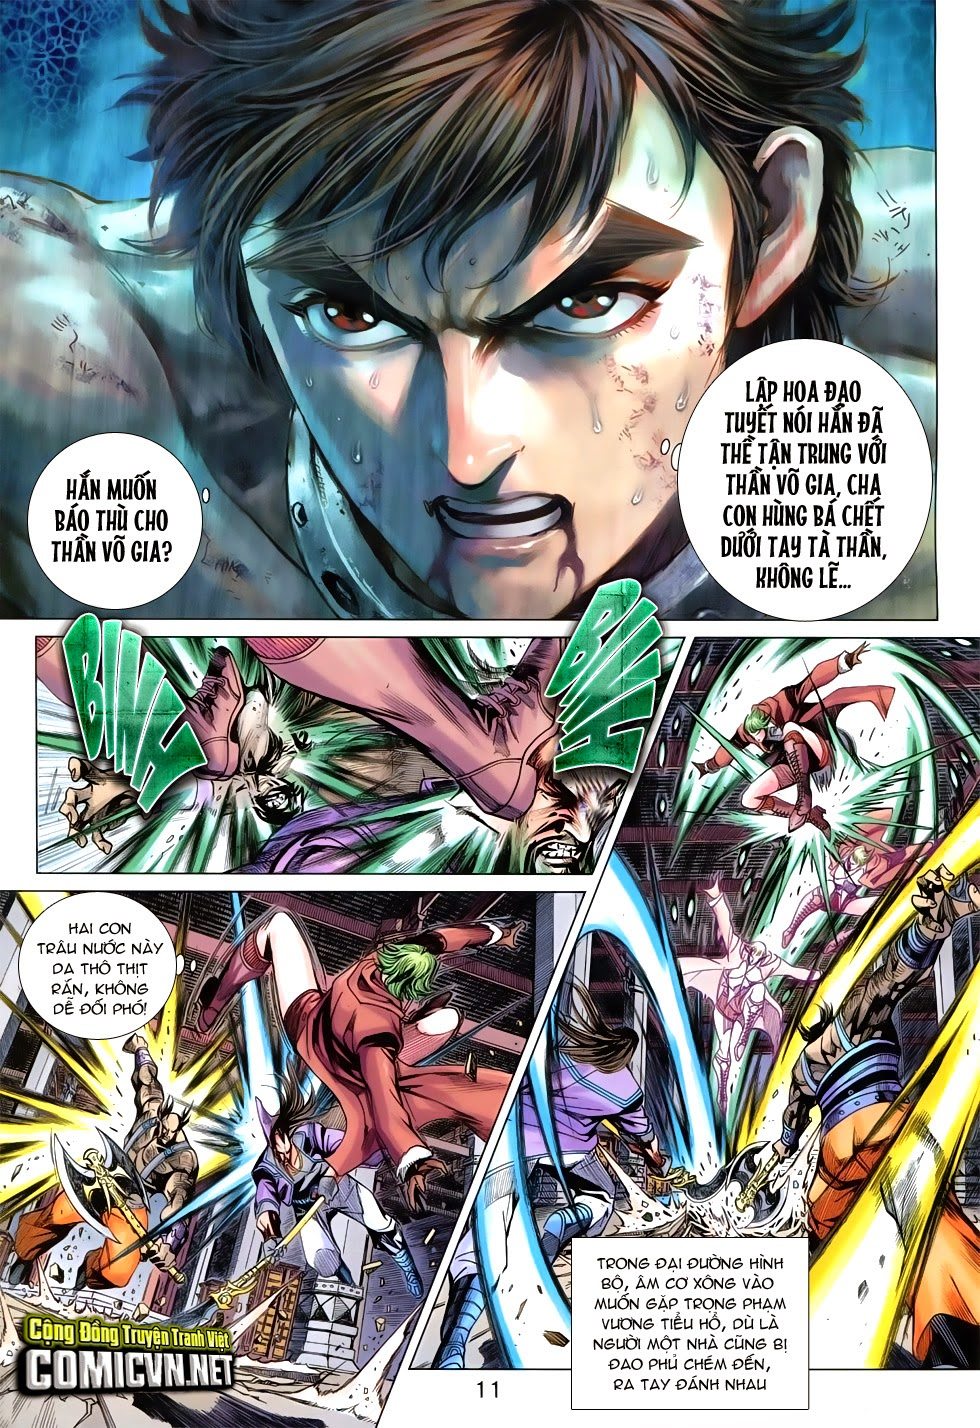 Tân Tác Long Hổ Môn Chap 744 page 11 - Truyentranhaz.net